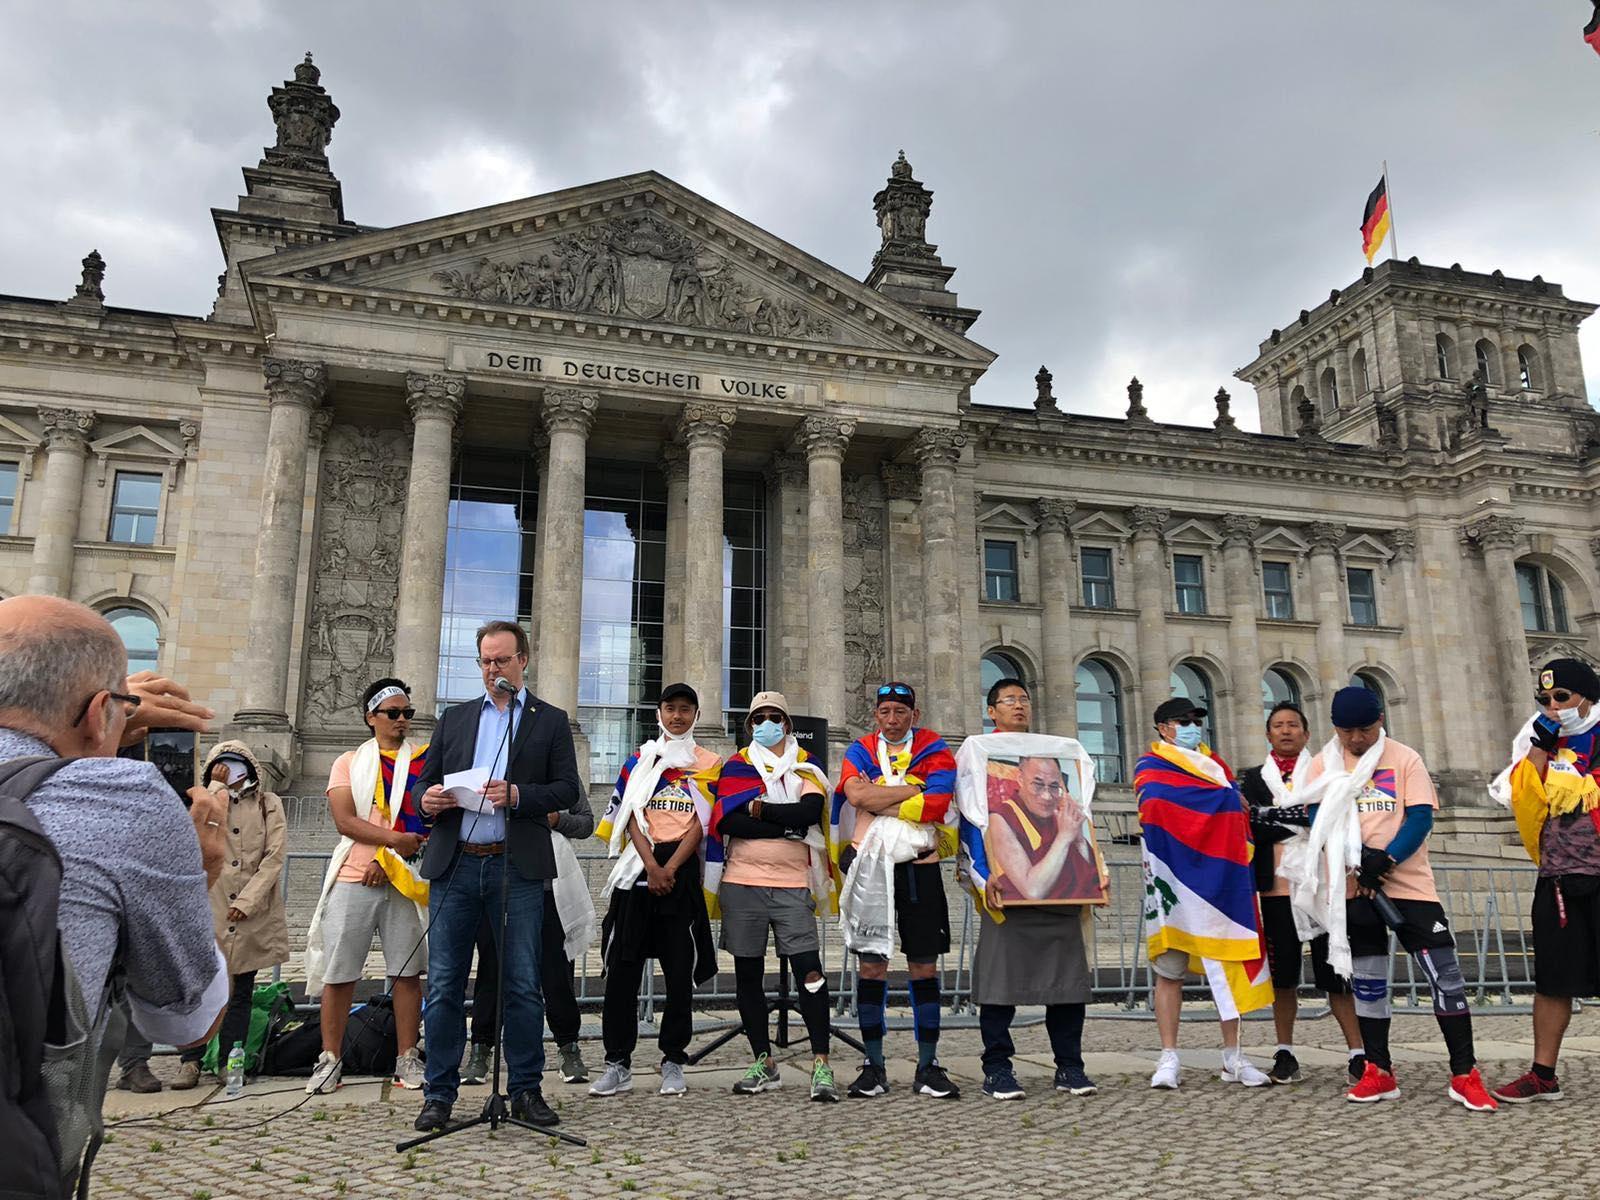 流亡藏人向德国国会递交呼吁信,并圆满结束单车巡游活动